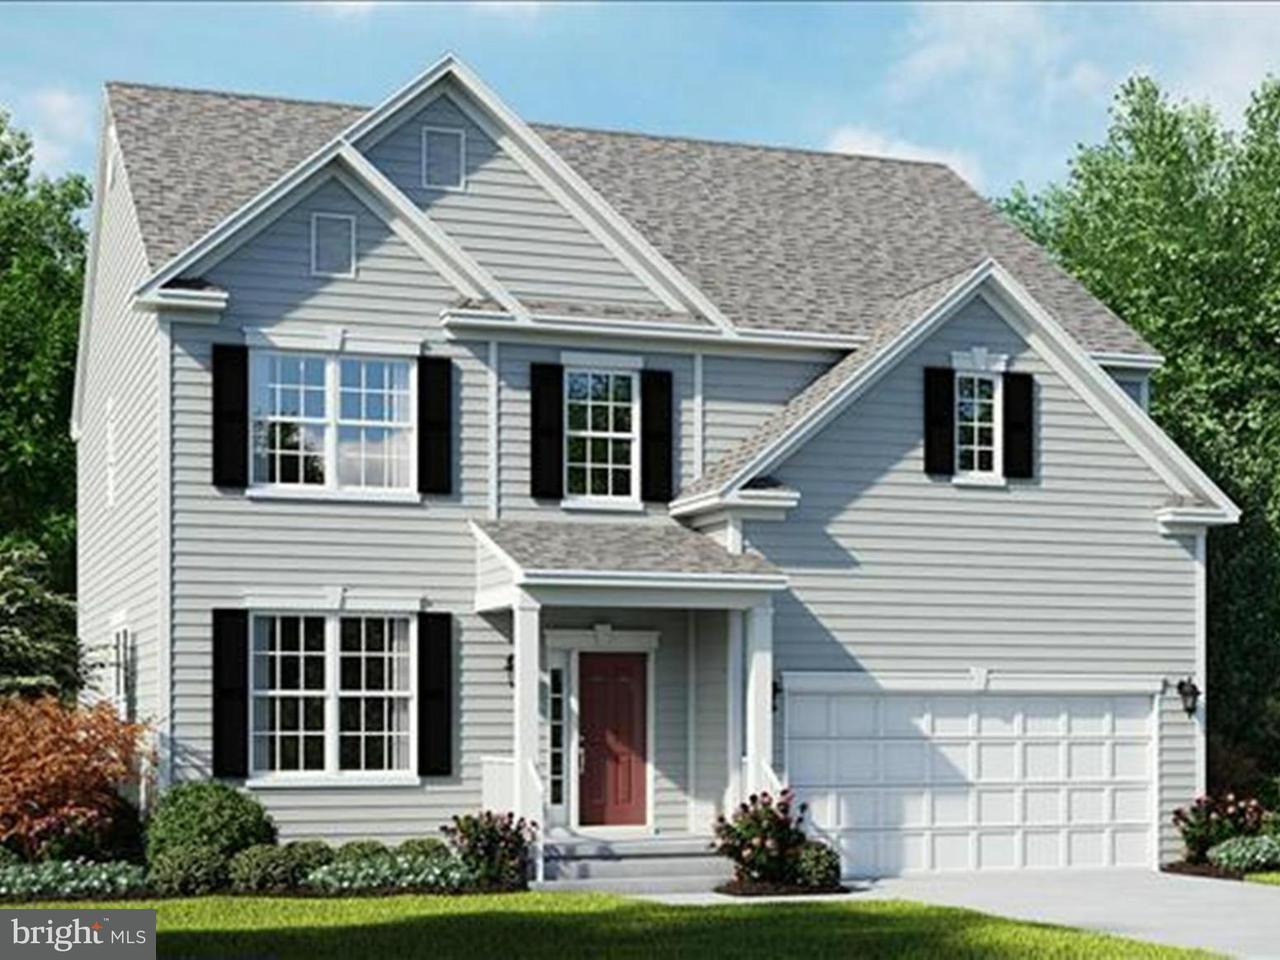 獨棟家庭住宅 為 出售 在 384 MORGAN RUN Road 384 MORGAN RUN Road Middle River, 馬里蘭州 21220 美國